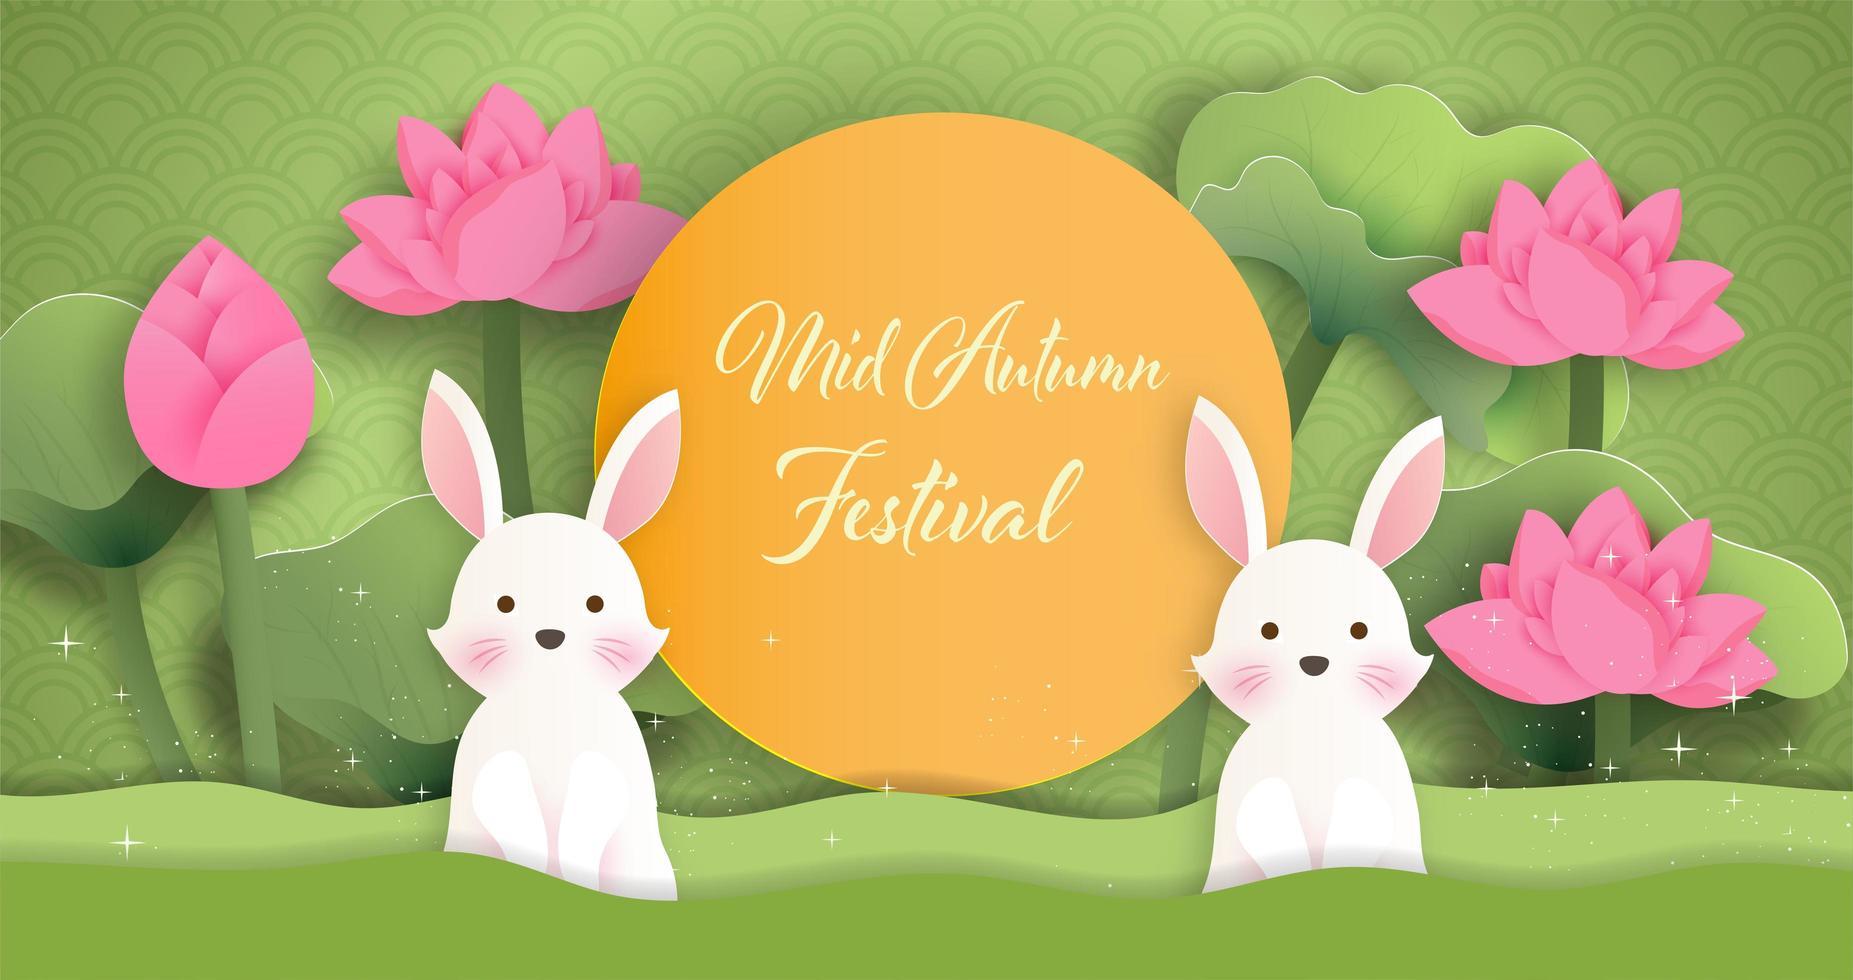 banner festival de meados do outono com coelhos no jardim vetor